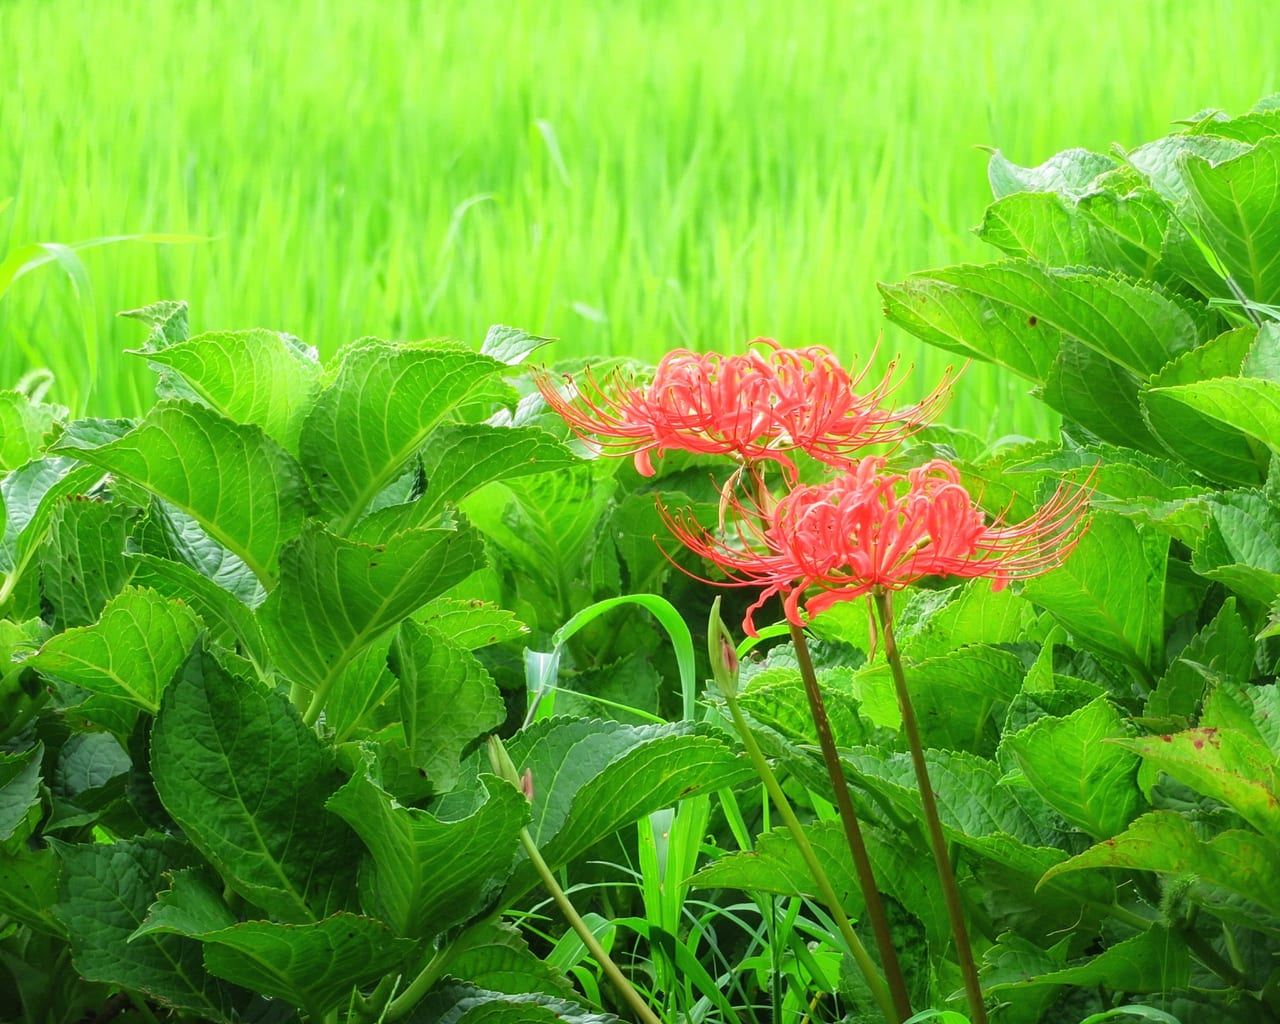 早くも秋の気配?「花菜ガーデン」で彼岸花が咲いています!